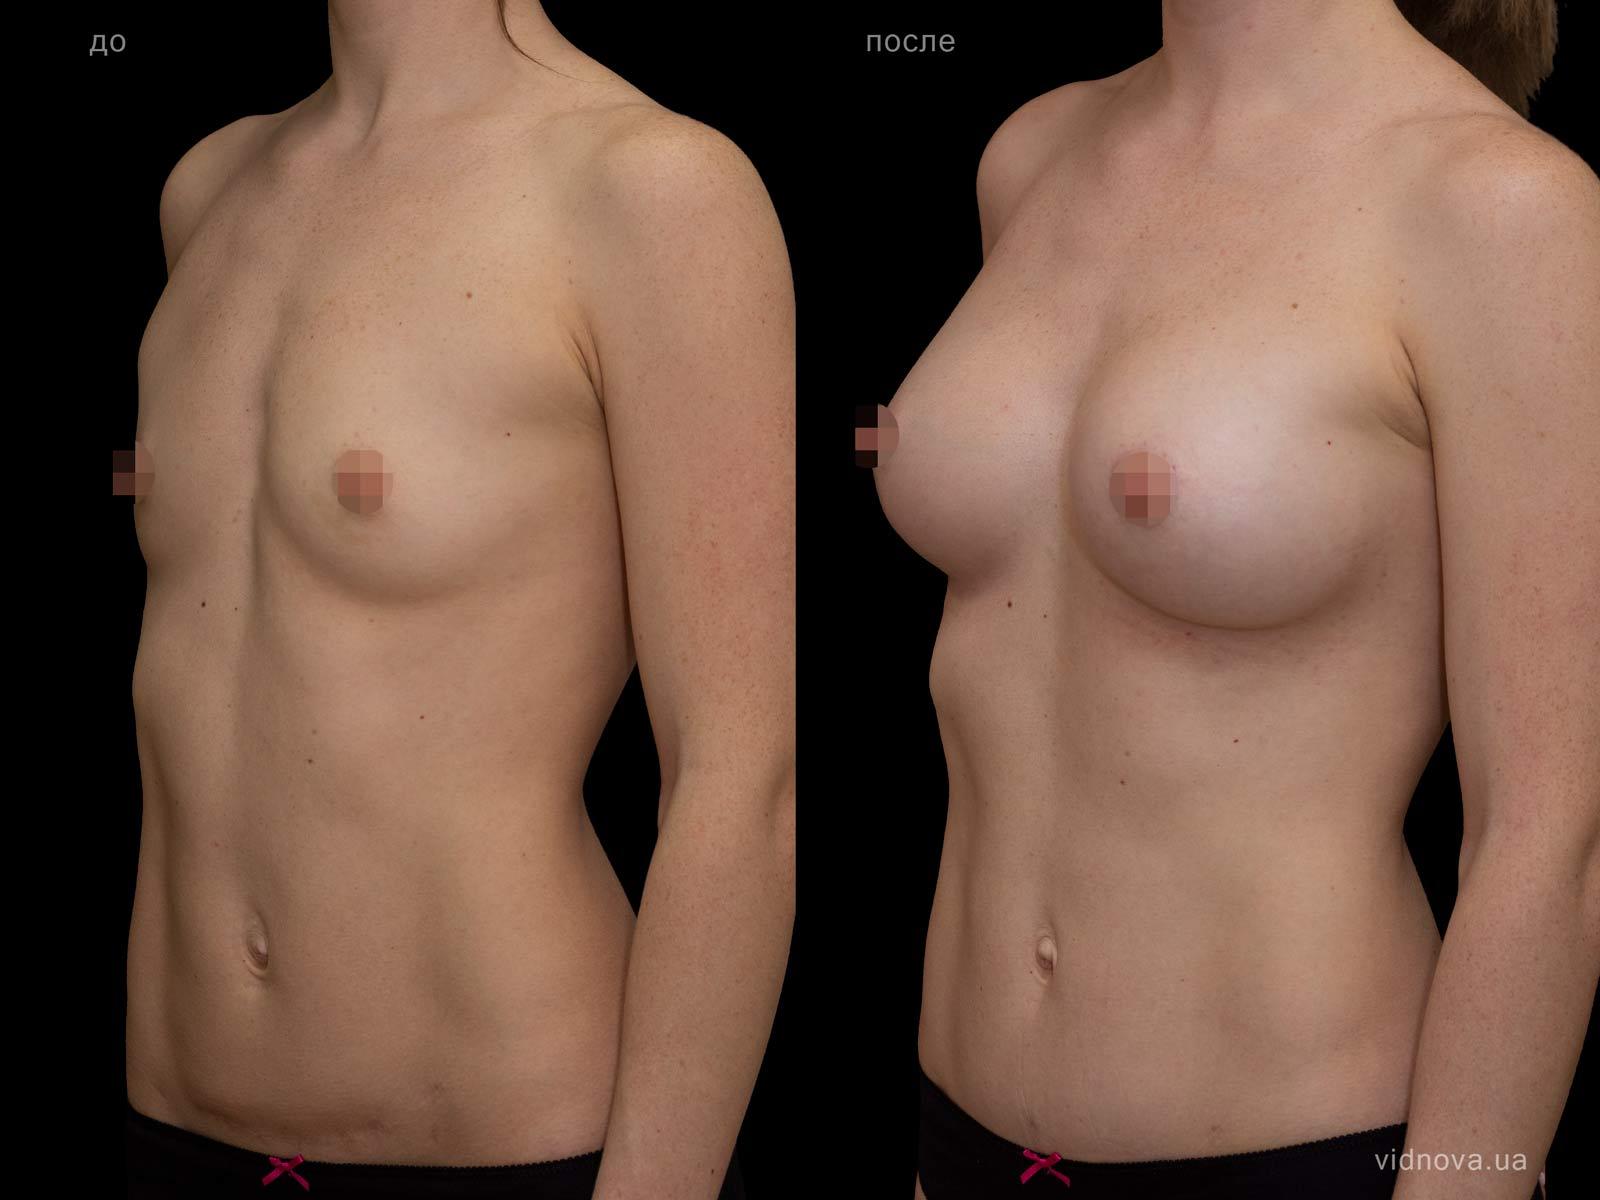 Пластика груди: результаты до и после - Пример №89-1 - Светлана Работенко